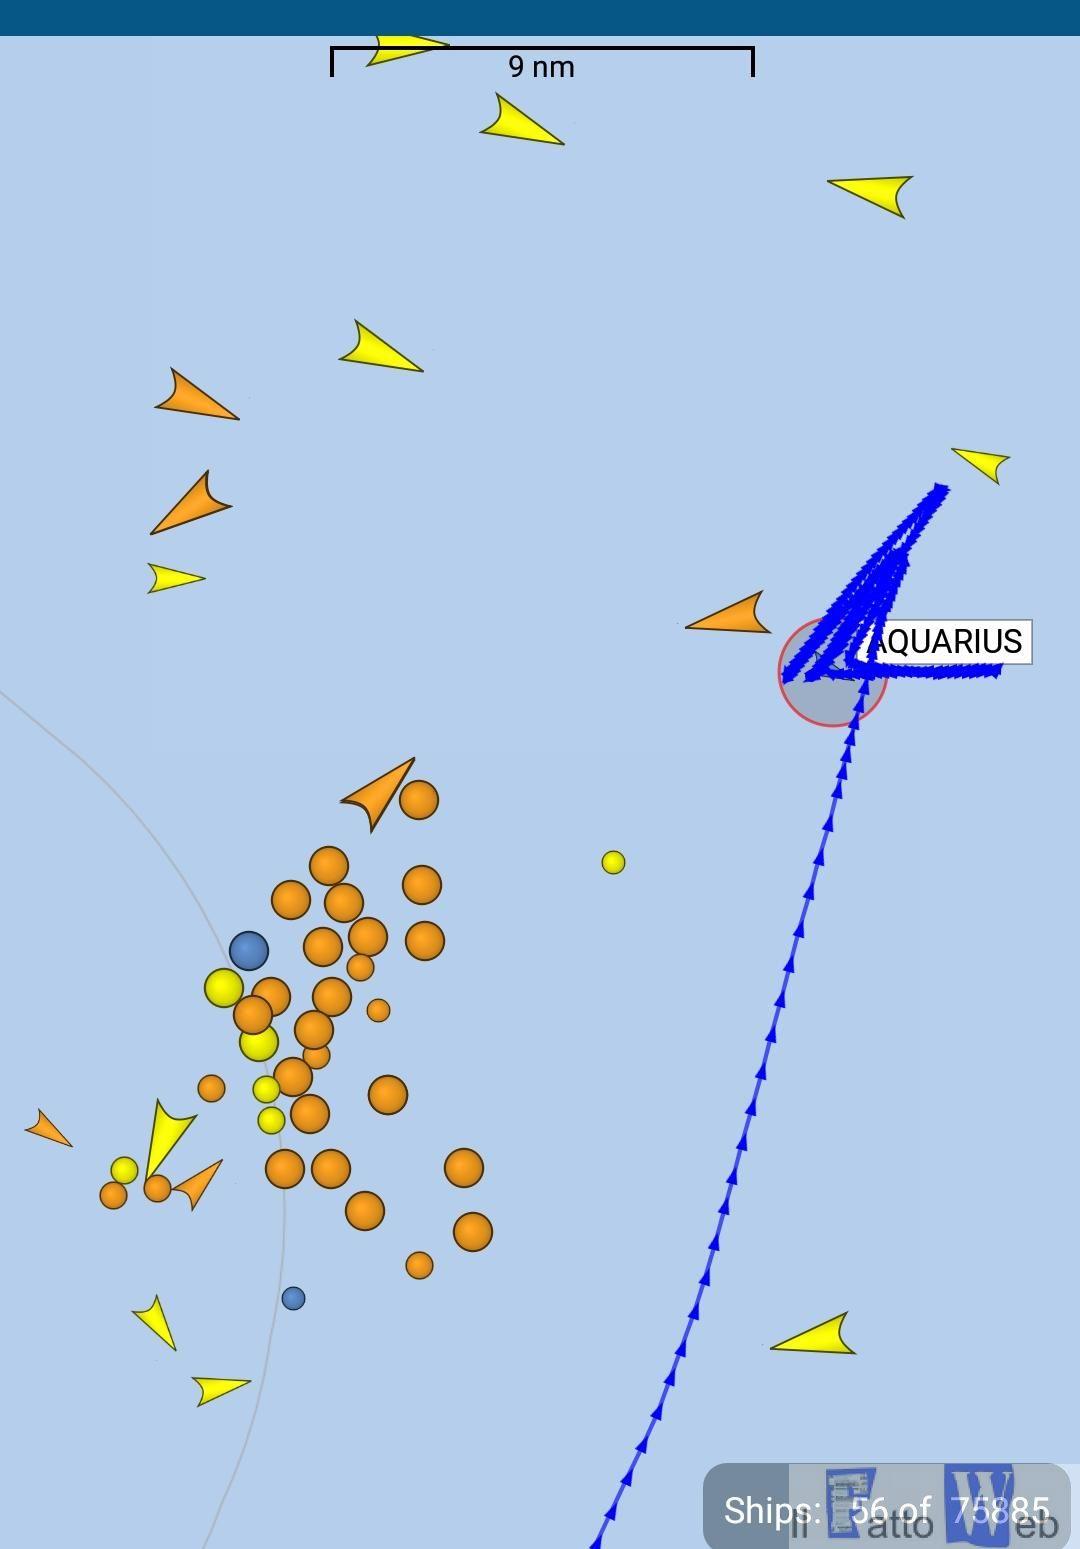 Nave Aquarius tra Sicilia e Malta*** avverse condizioni meteo rotta verso la sardegna